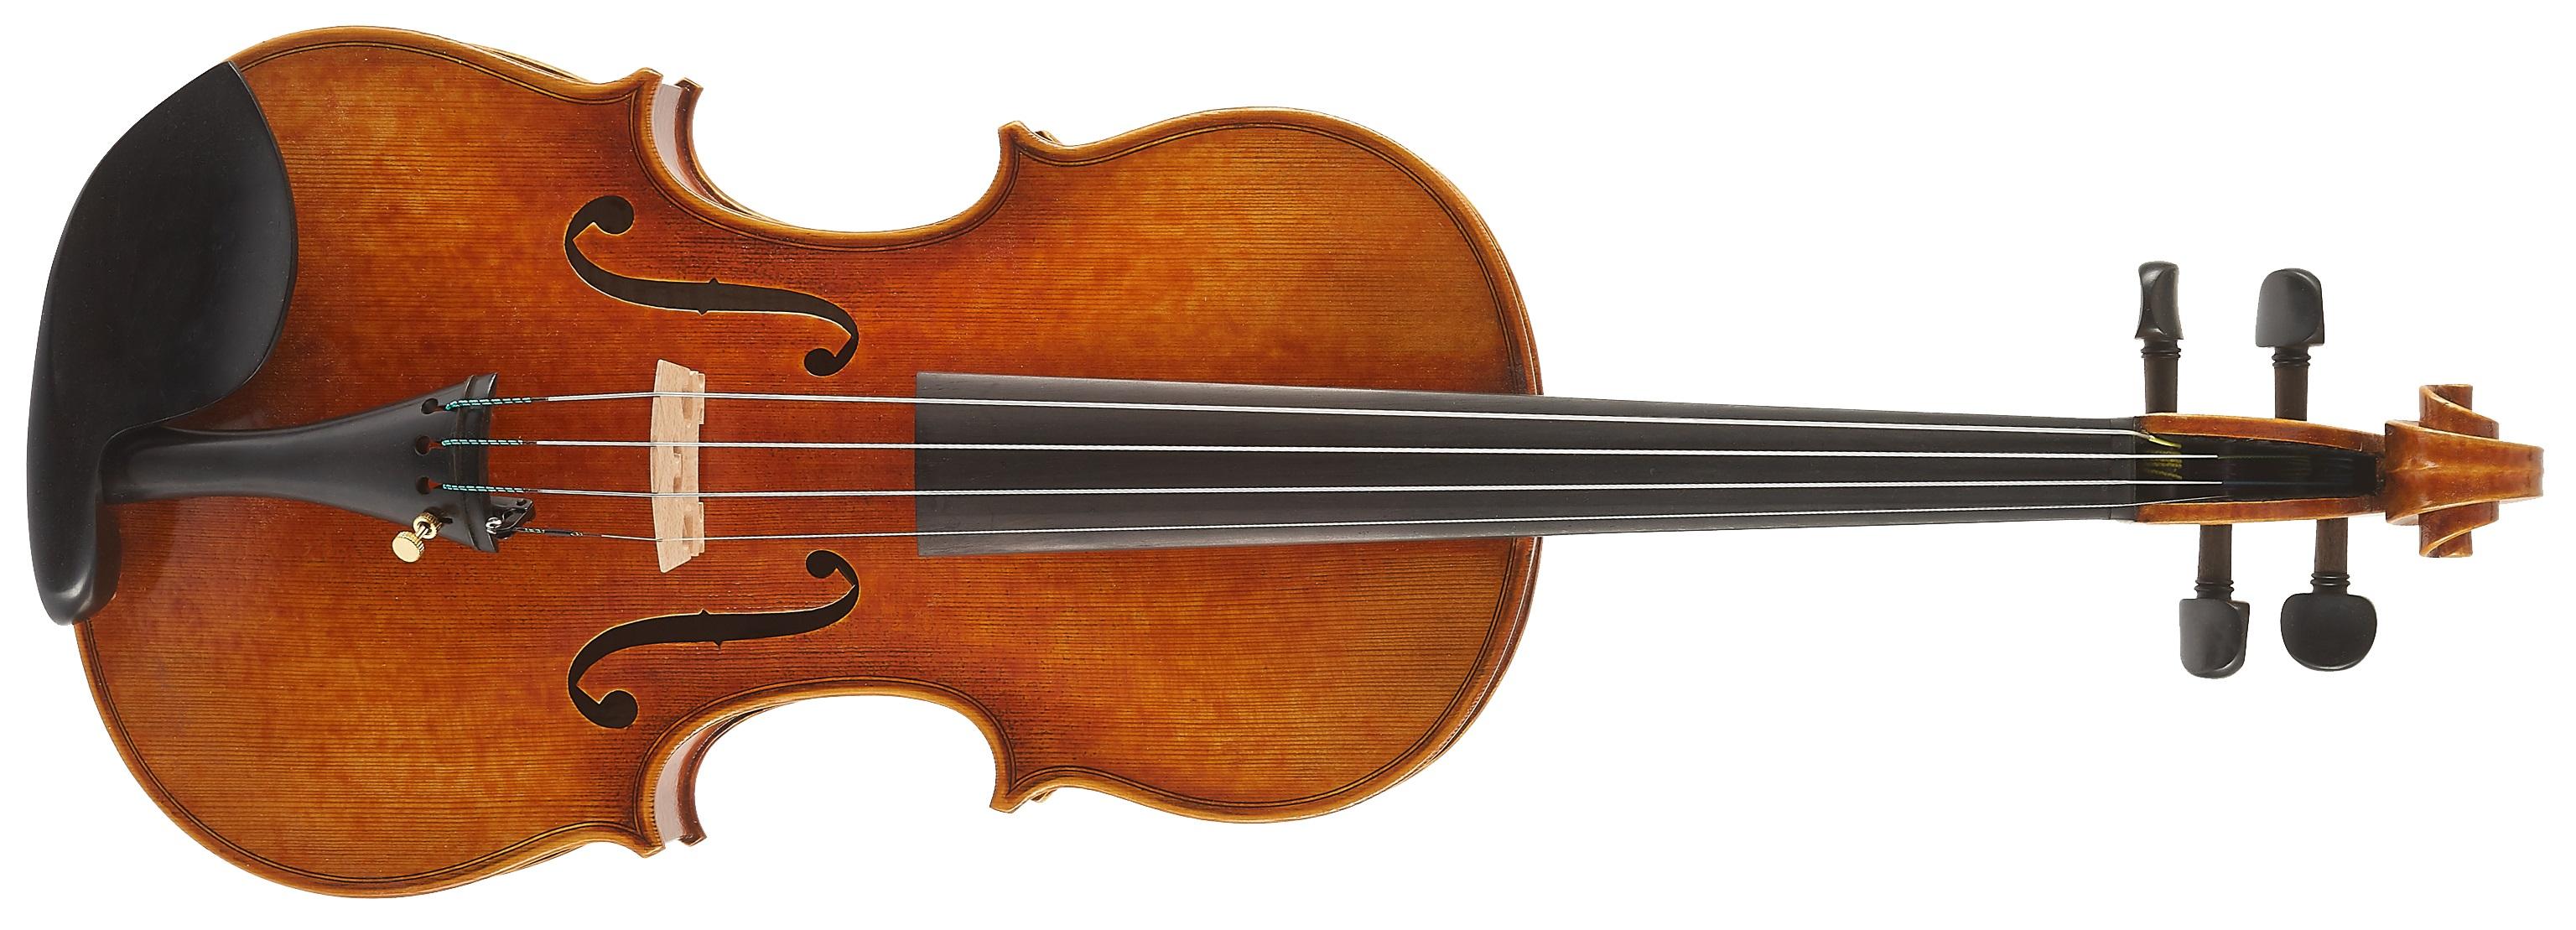 DXKY Stradivari model V-4-2